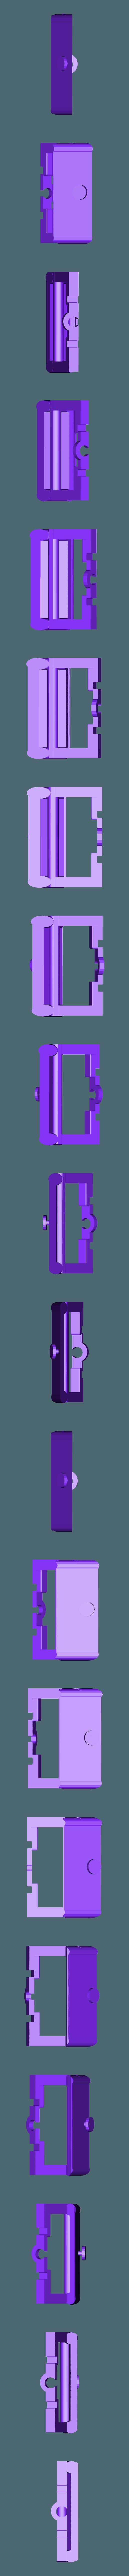 drip_VAT_Orange_10.stl Download free STL file Drip VAT LONGER Orange 10 • 3D printable object, herve3